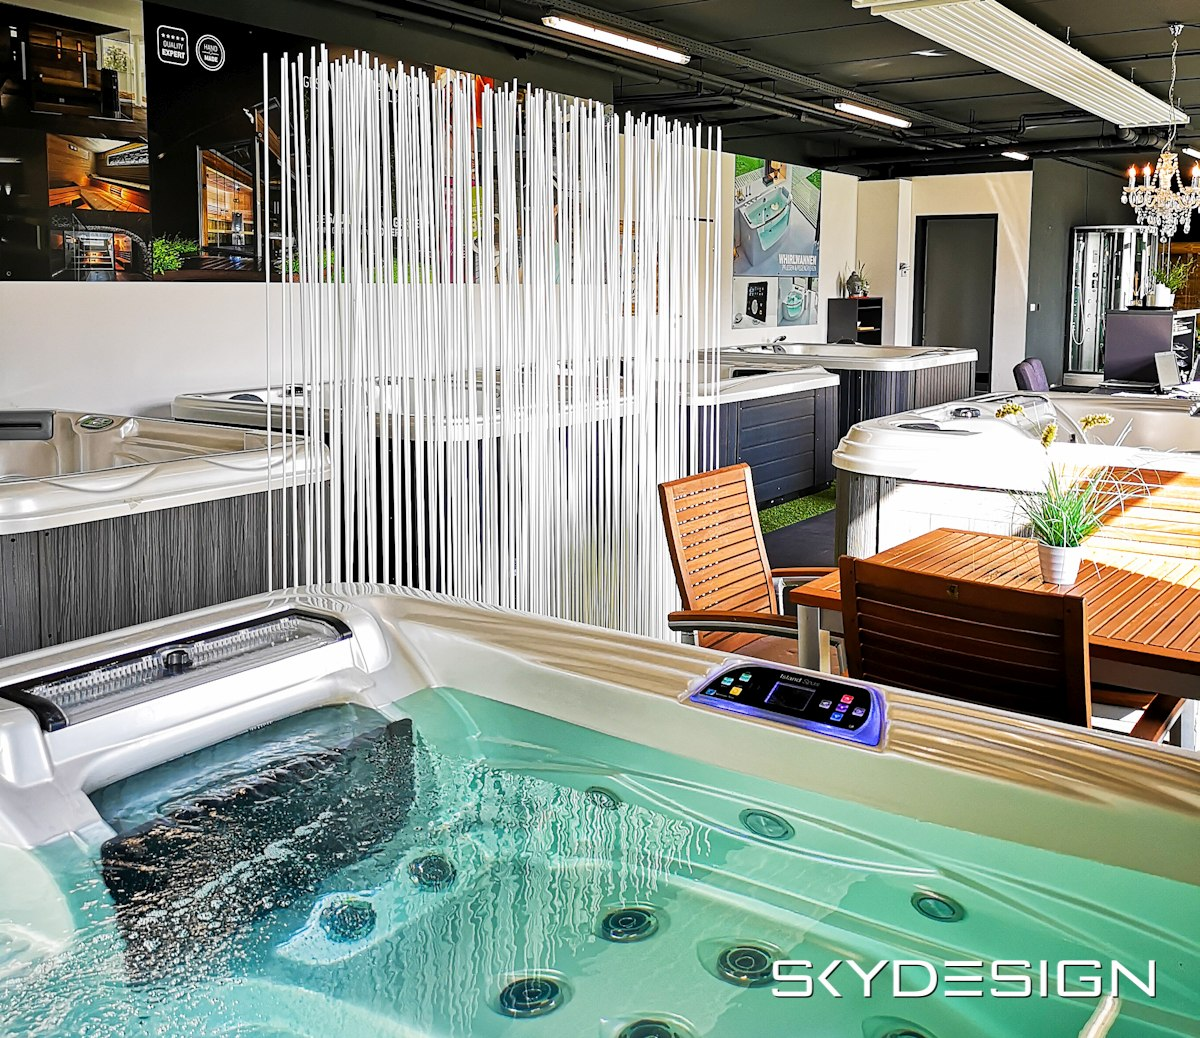 تجمع الخصوصية شرفة قائما بذاته Skydesign News